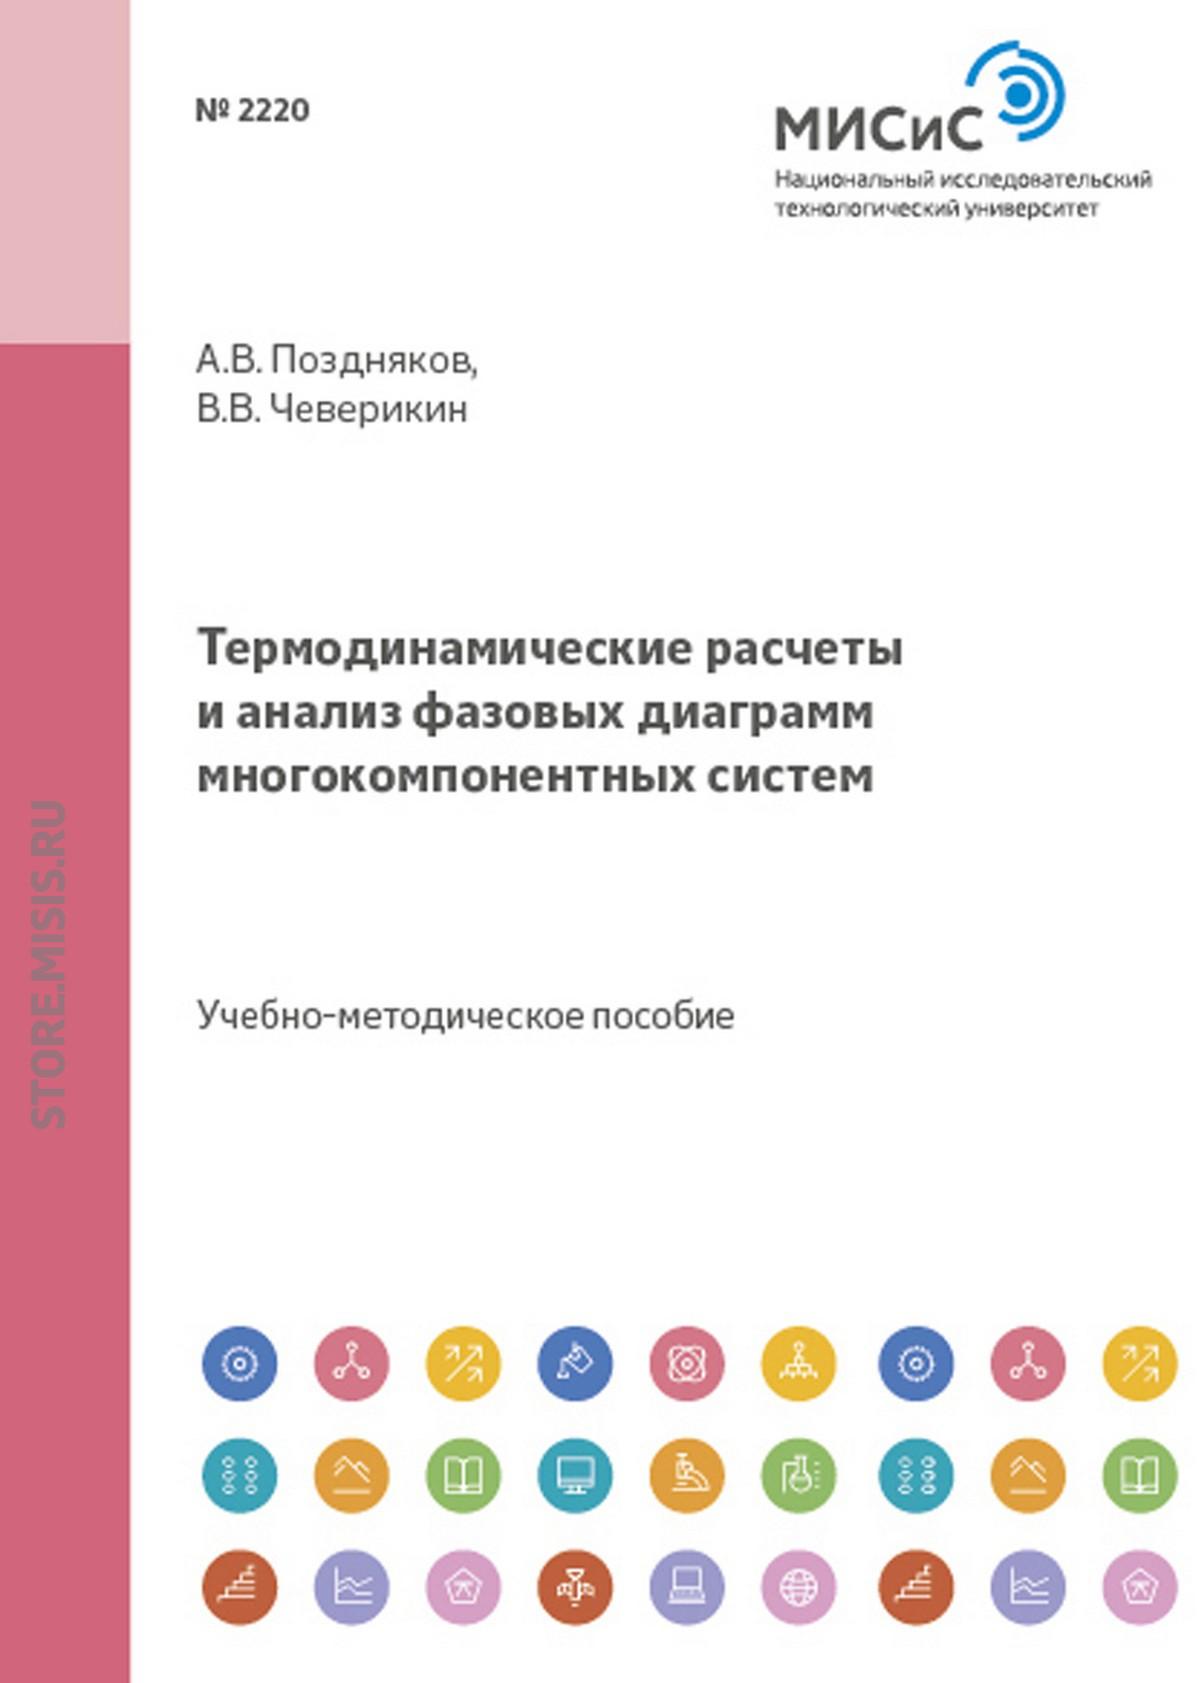 Владимир Чеверикин Термодинамические расчеты и анализ фазовых диаграмм многокомпонентных систем т холодилина расчеты выбросов в атмосферу от промышленных источников выделения